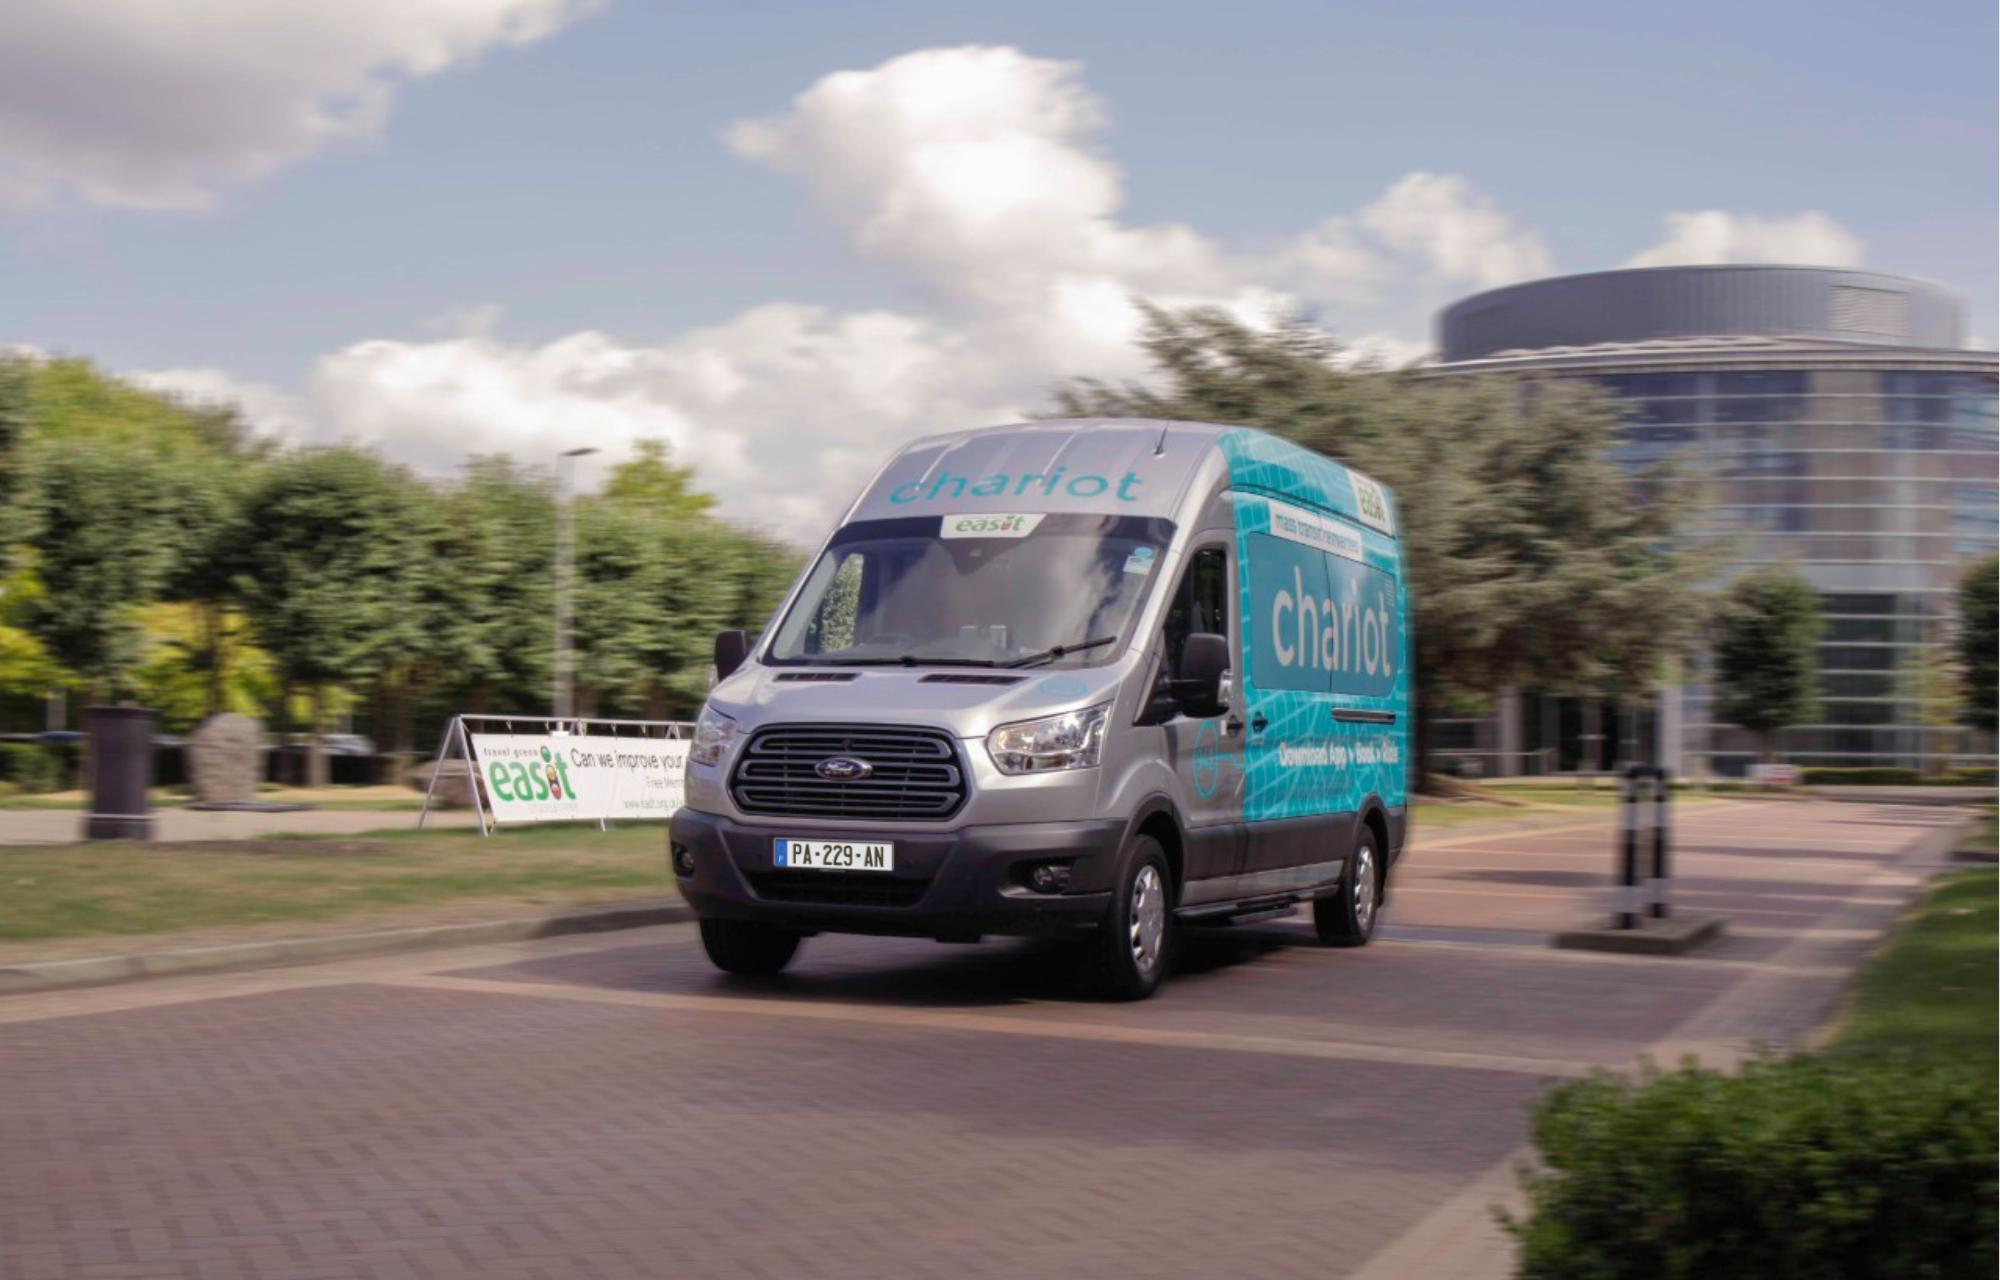 Pour faciliter les trajets domicile/travail à Londres, Ford étend son service de navettes à la demande Chariot aux entreprises